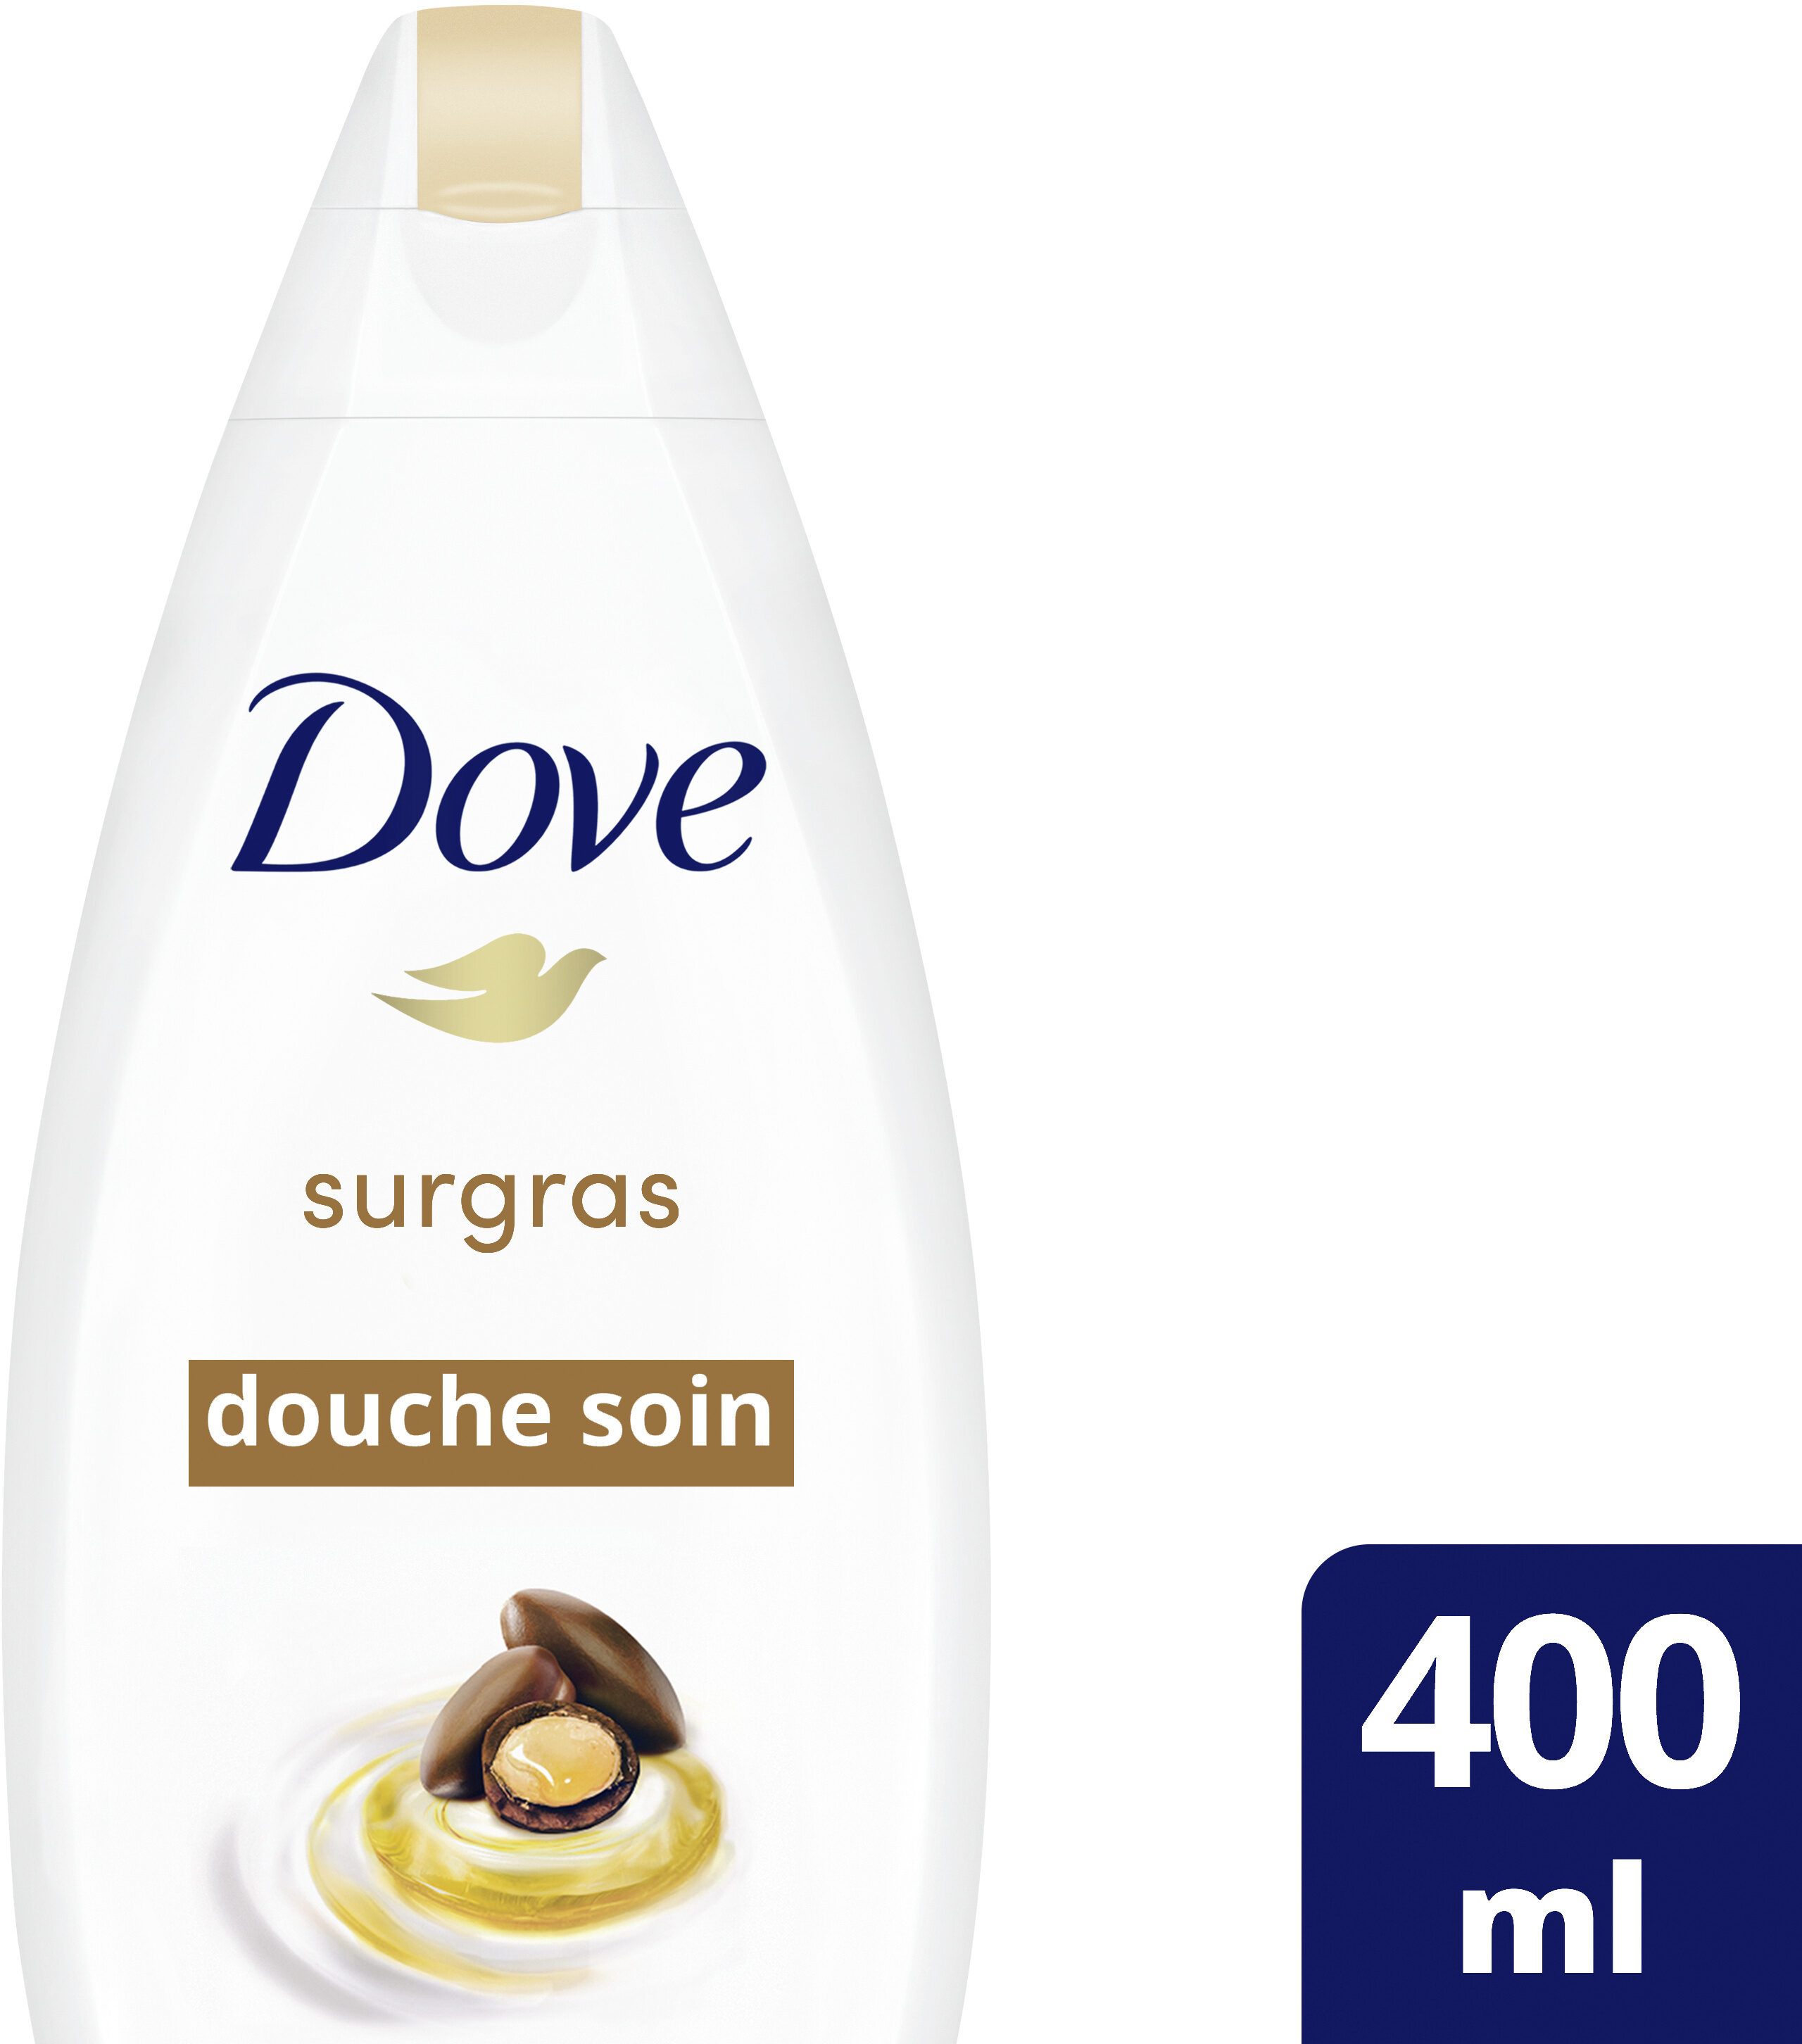 Dove Gel Douche Surgras à l'Huile d'Argan - Product - fr